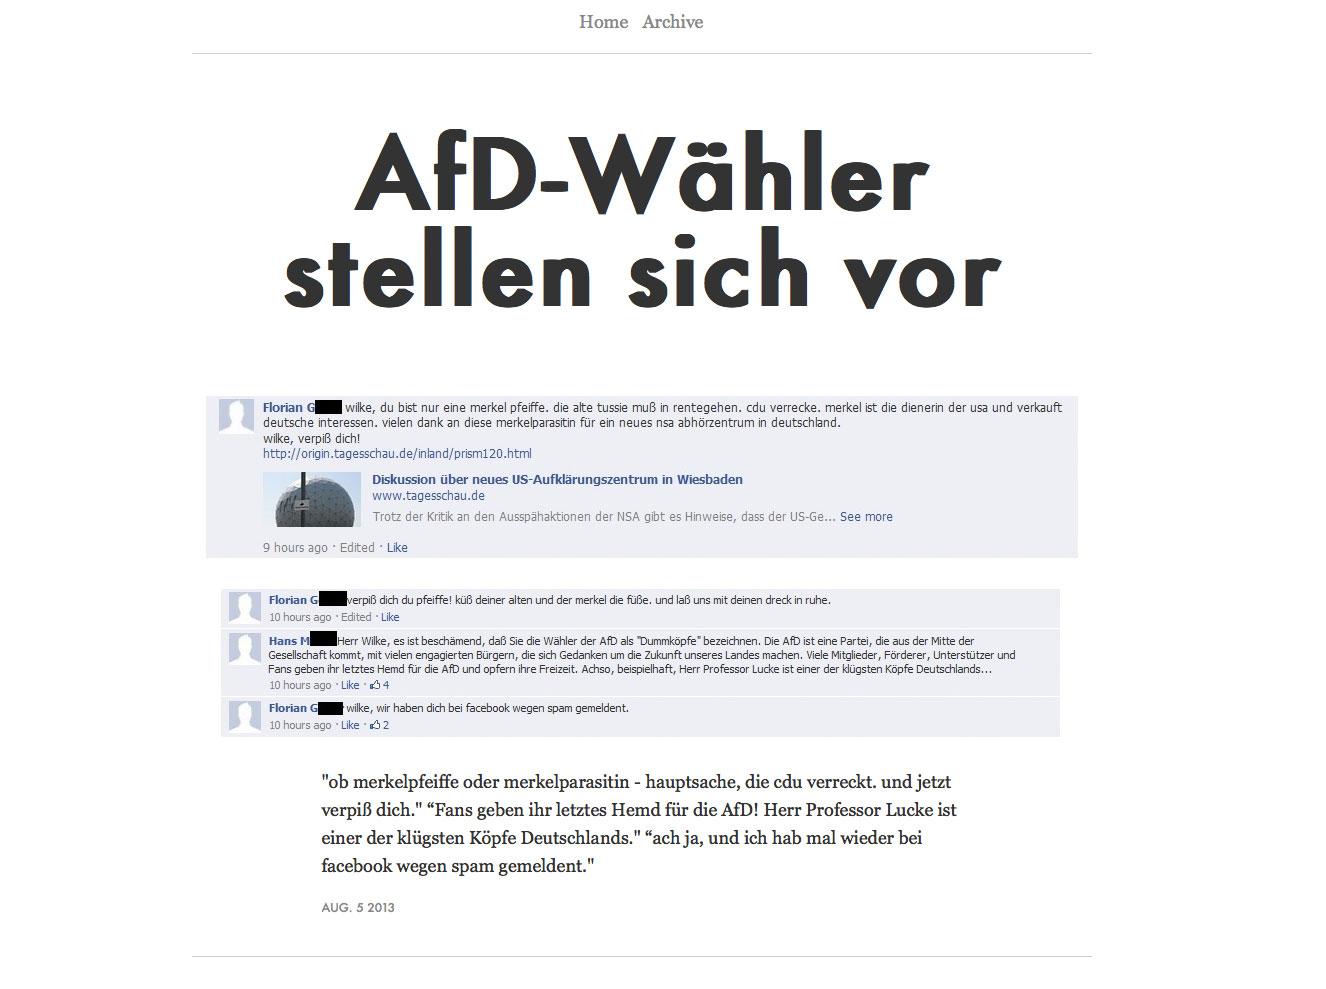 AfD-Wähler stellen sich vor